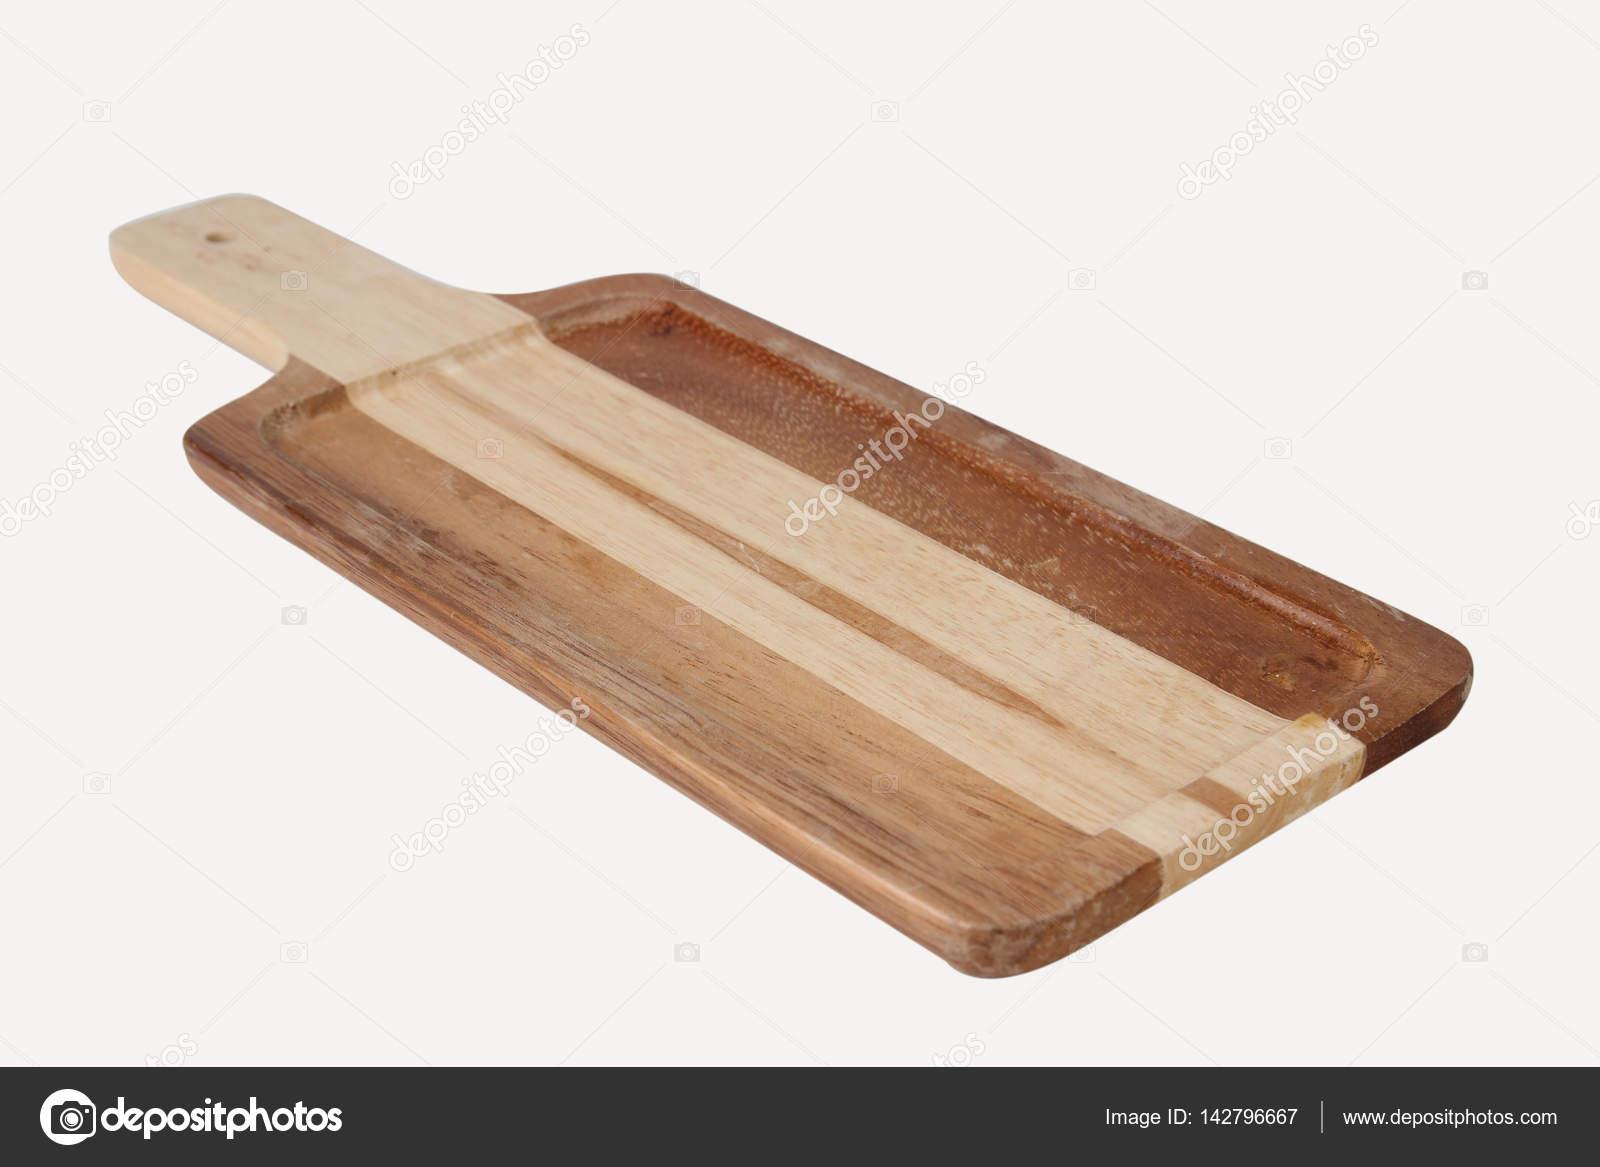 holz küche werkzeug auf weißem hintergrund zu isolieren — stockfoto